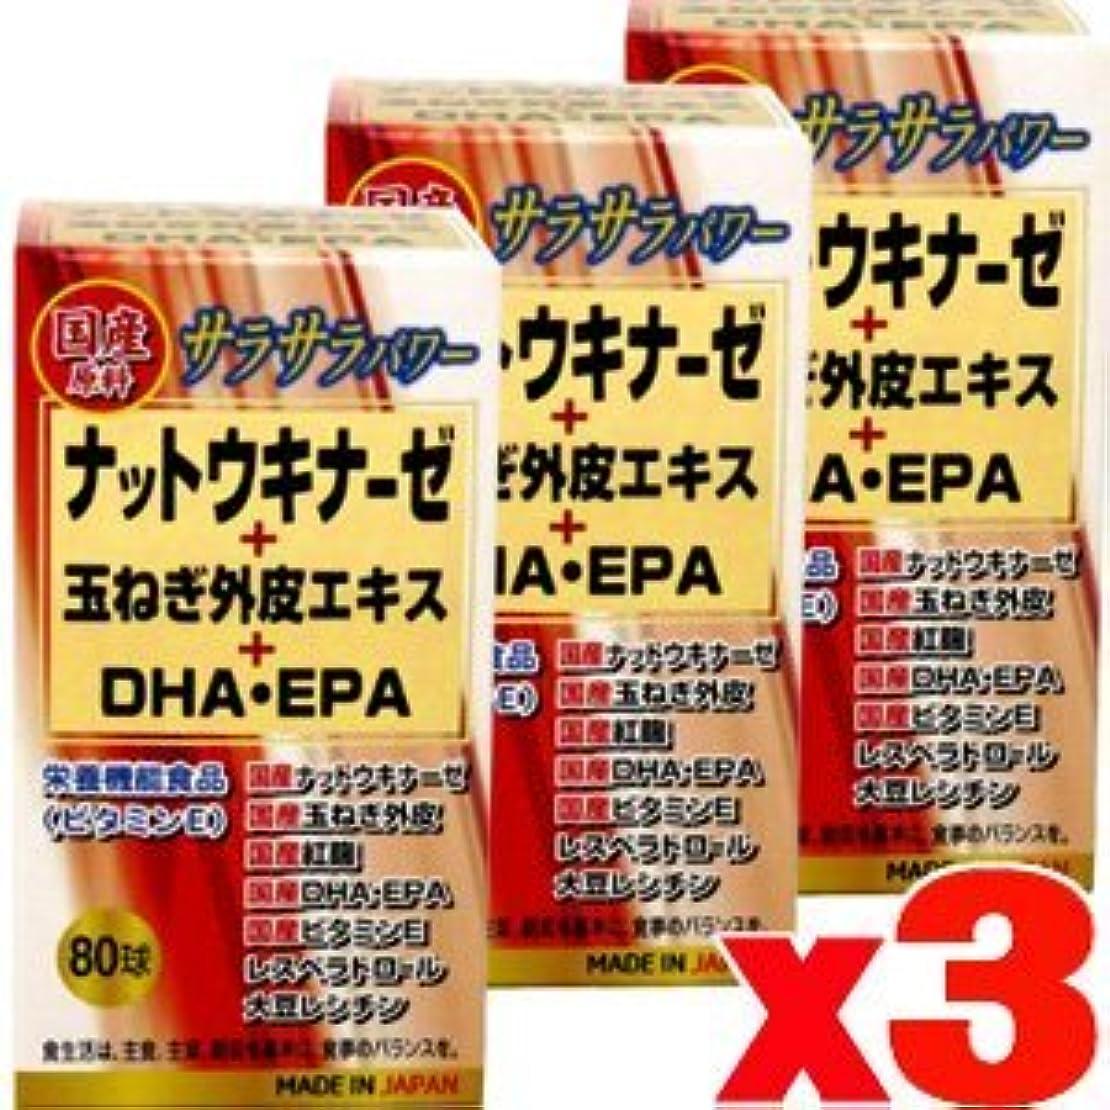 泣く移植成長【3個】ユウキ製薬 ナットウキナーゼ+玉ねぎ外皮エキス+DHA?EPA 80球x3個(4524326202109)